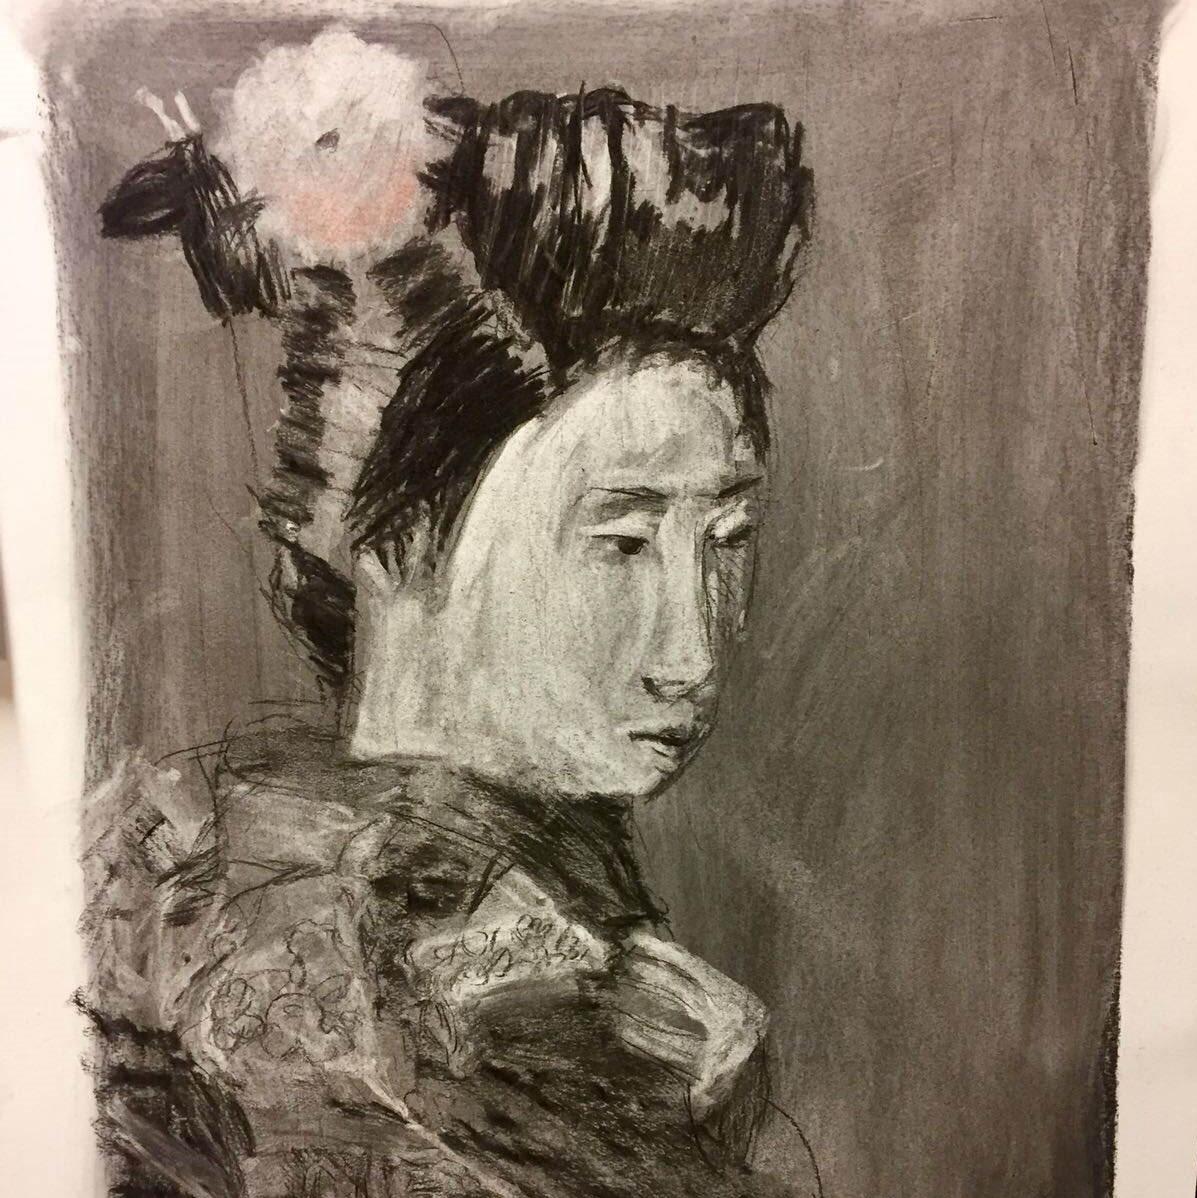 Modeltekenen, portret en stilleven - gevorderden